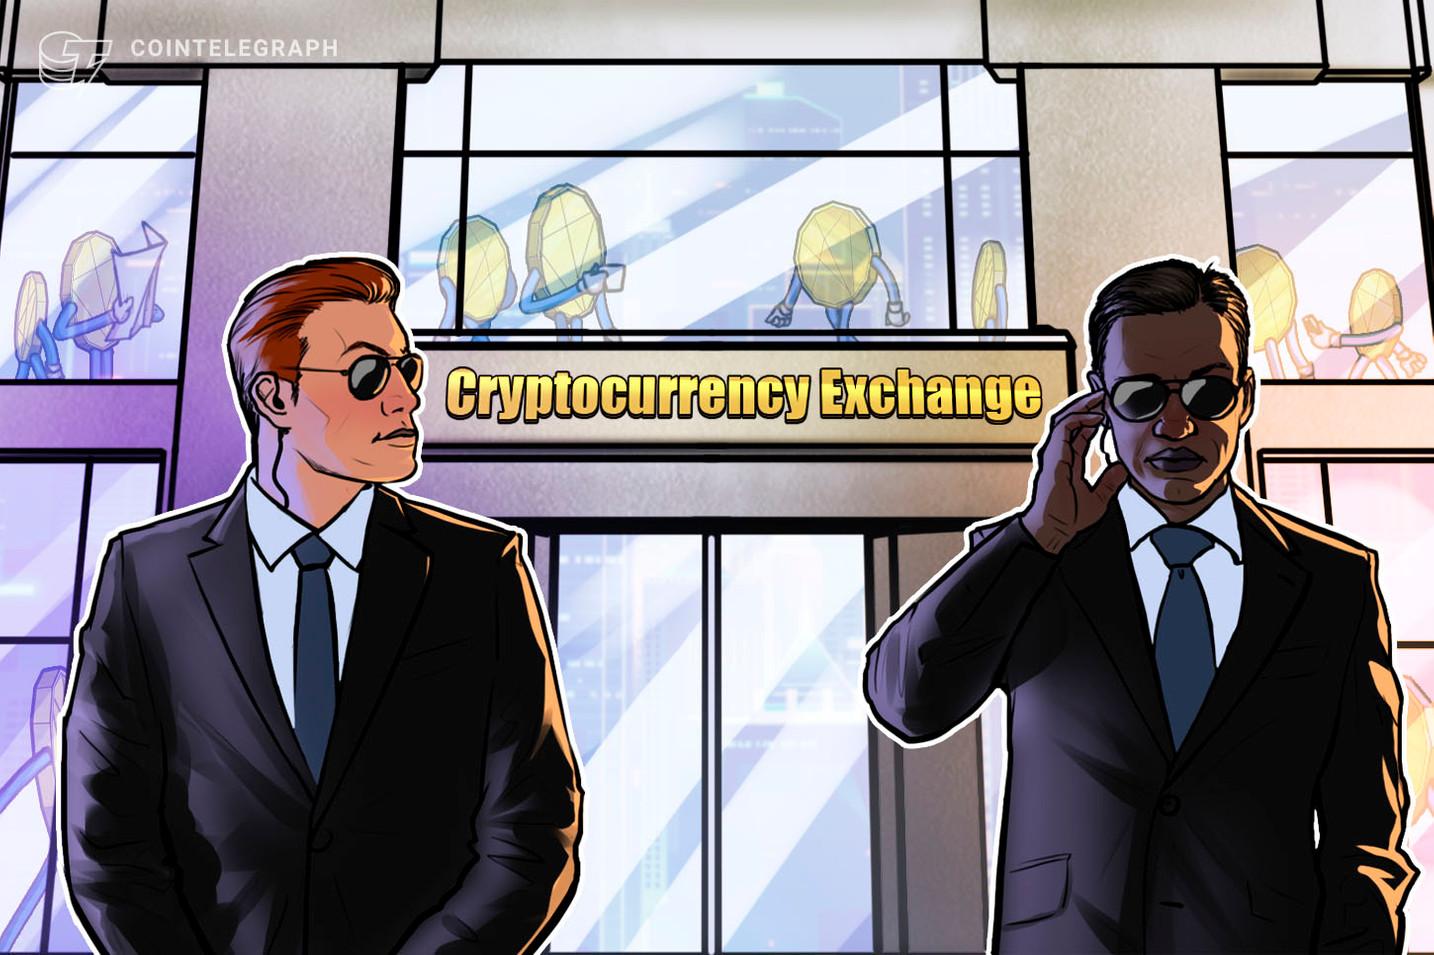 Segurança das exchanges de criptomoeda está longe de ser infalível? Vamos analisar